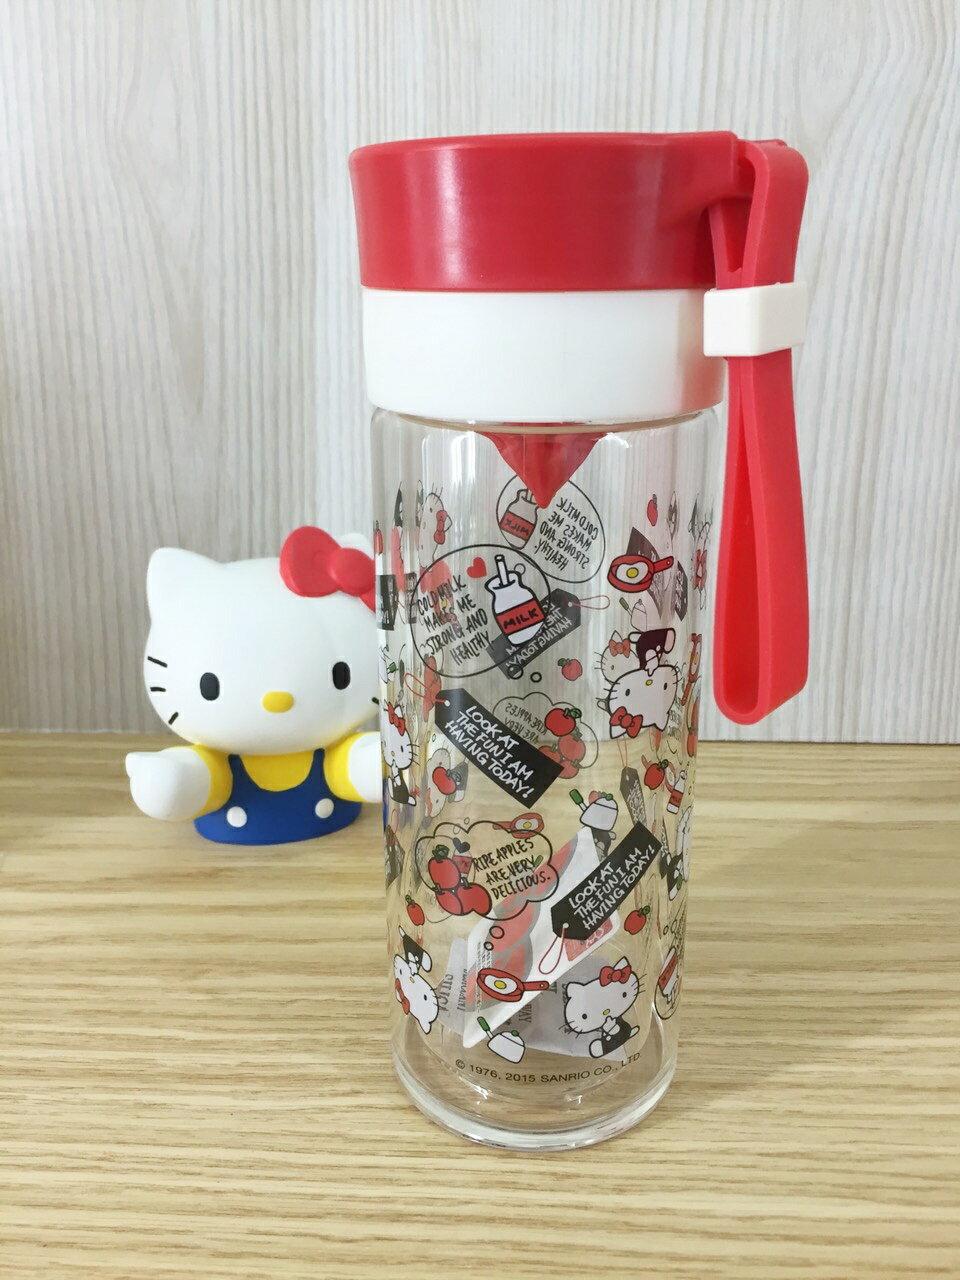 【真愛日本】15061800028 雙層耐熱玻璃檸檬瓶-紅 三麗鷗 Hello Kitty 凱蒂貓 水瓶 水杯 居家 廚房 正品 限量